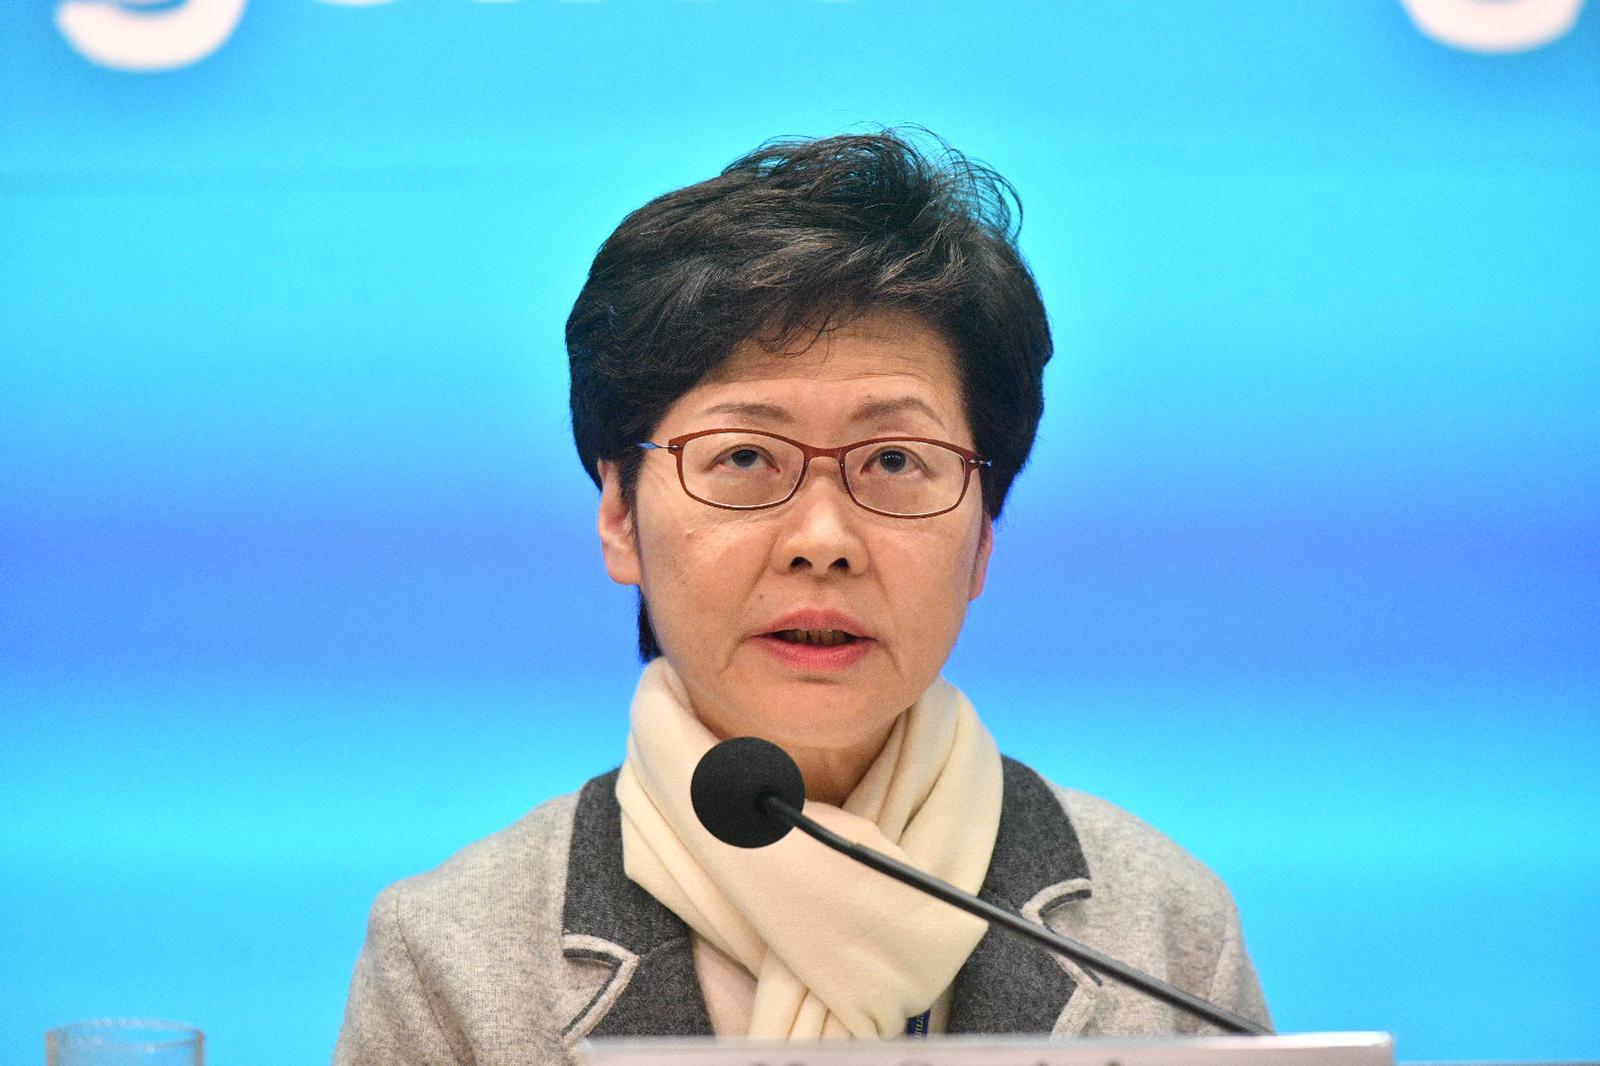 【新冠肺炎】林郑月娥宣布6大防疫措施 中小学延迟至2月17日復课